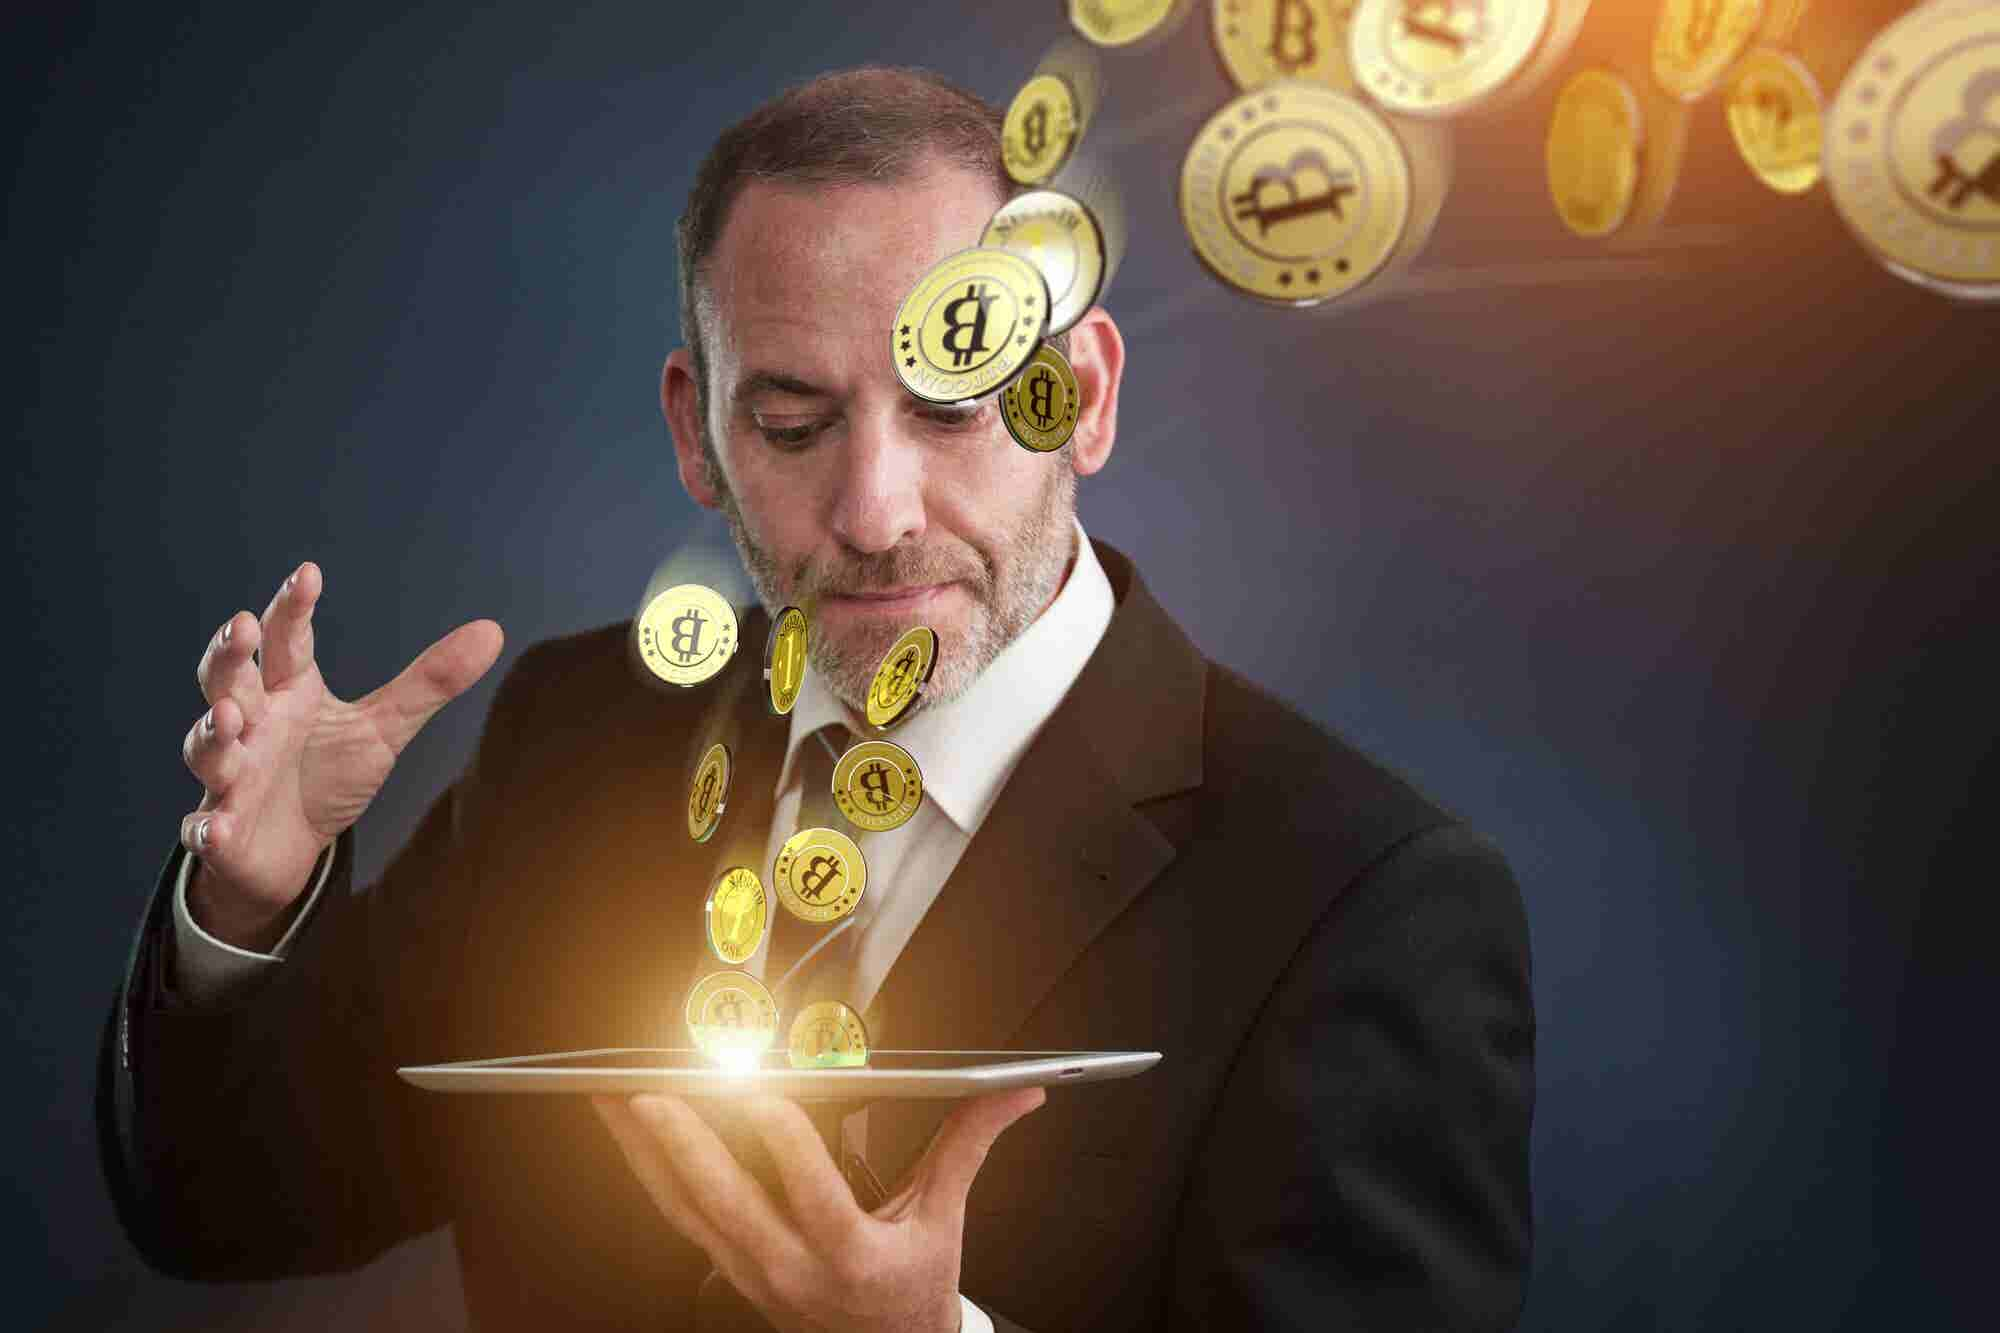 El Bitcoin podría desaparecer sin antes haber dejado un legado de criptodivisas